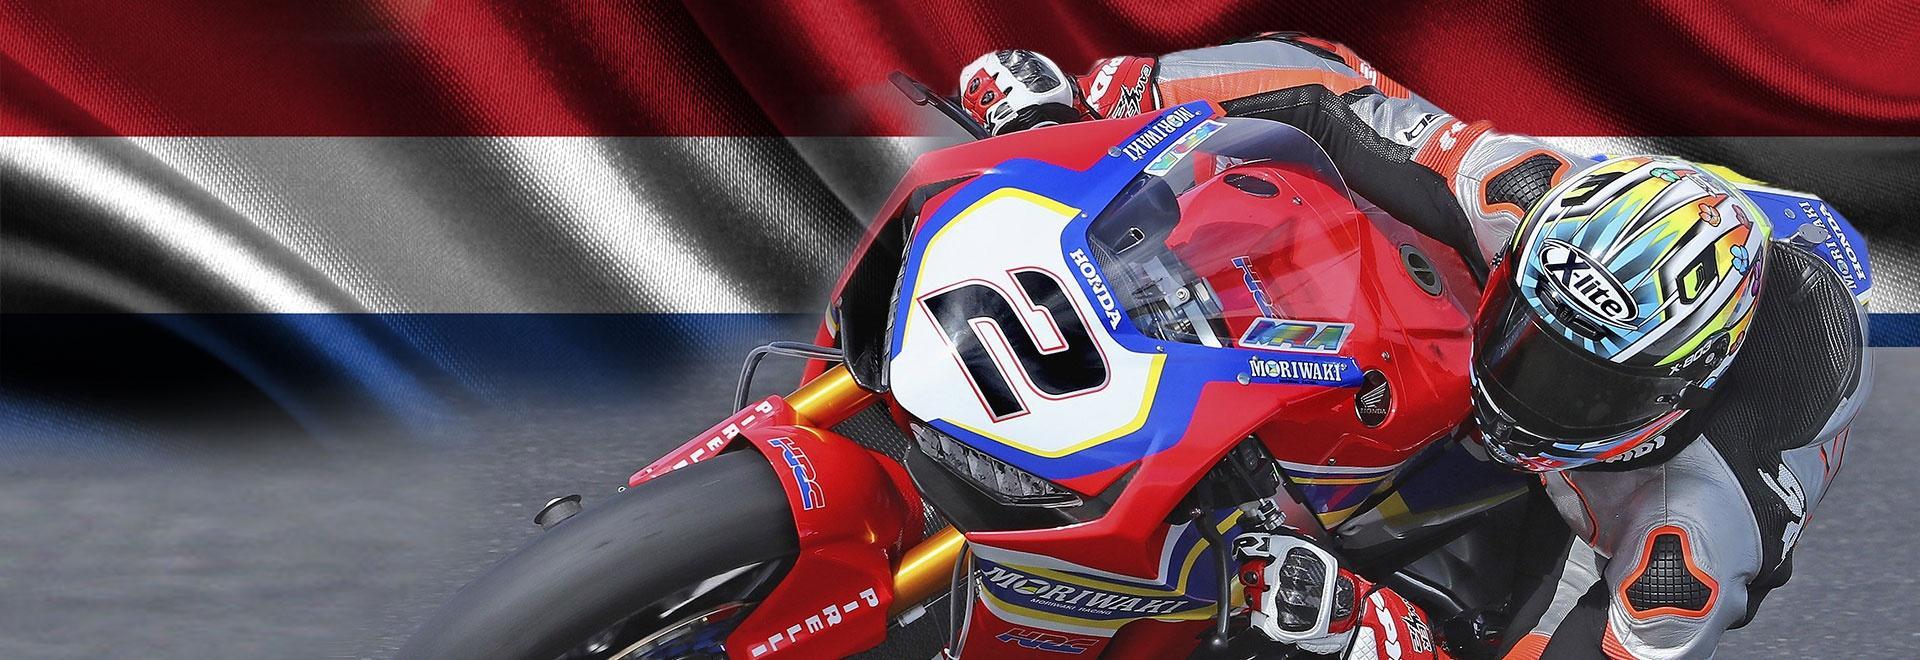 Olanda. Race 2